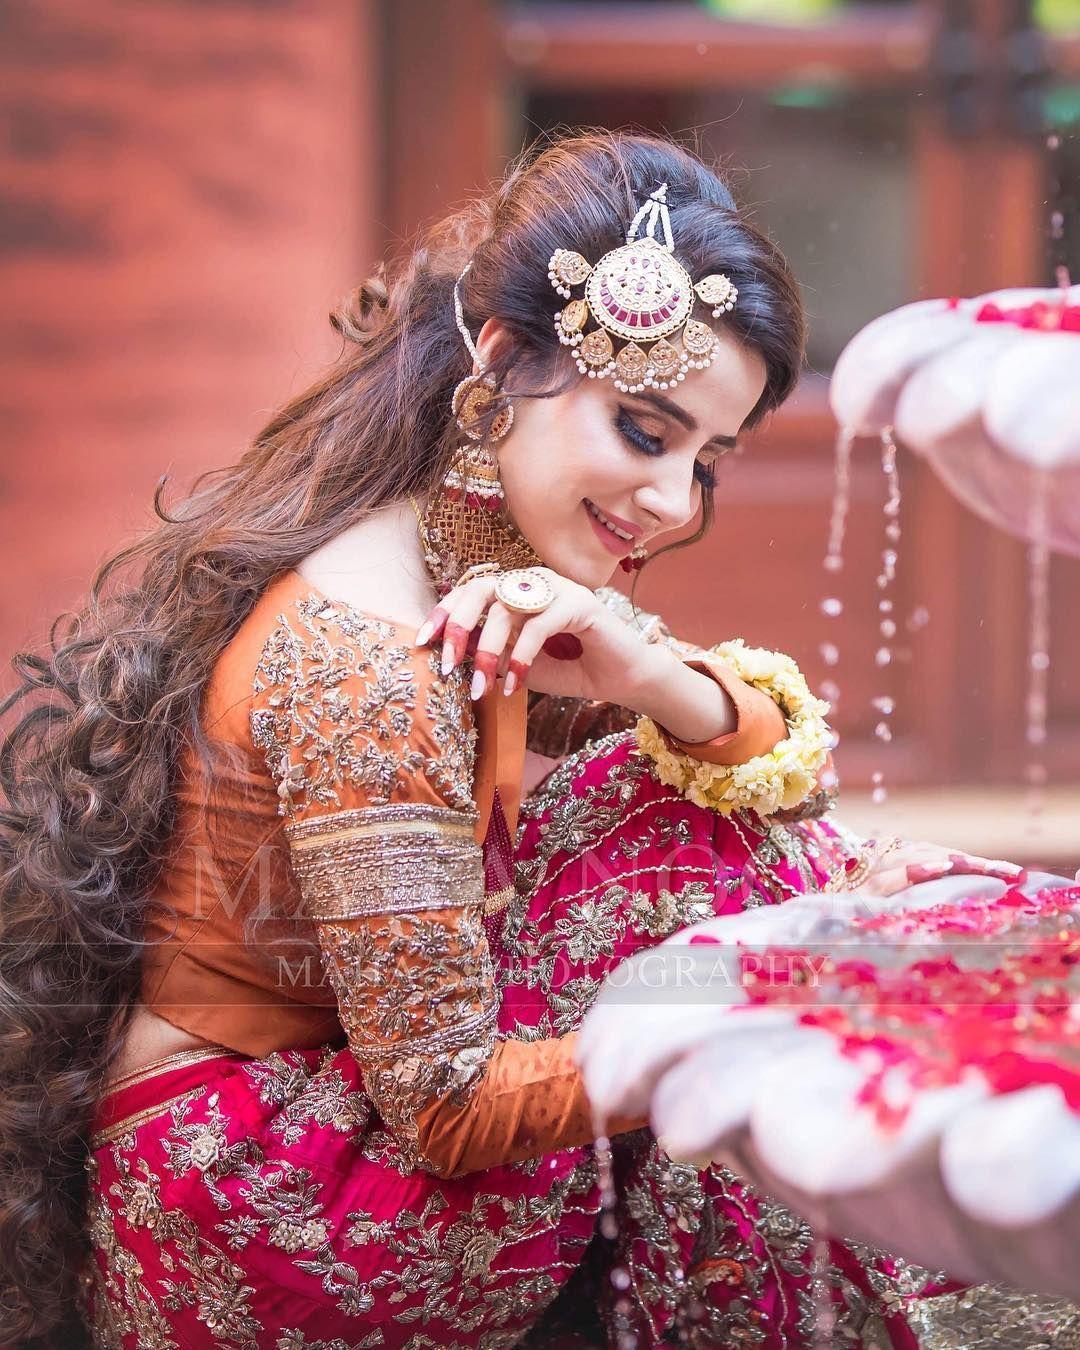 weddingmakeup indianweddingmakeup